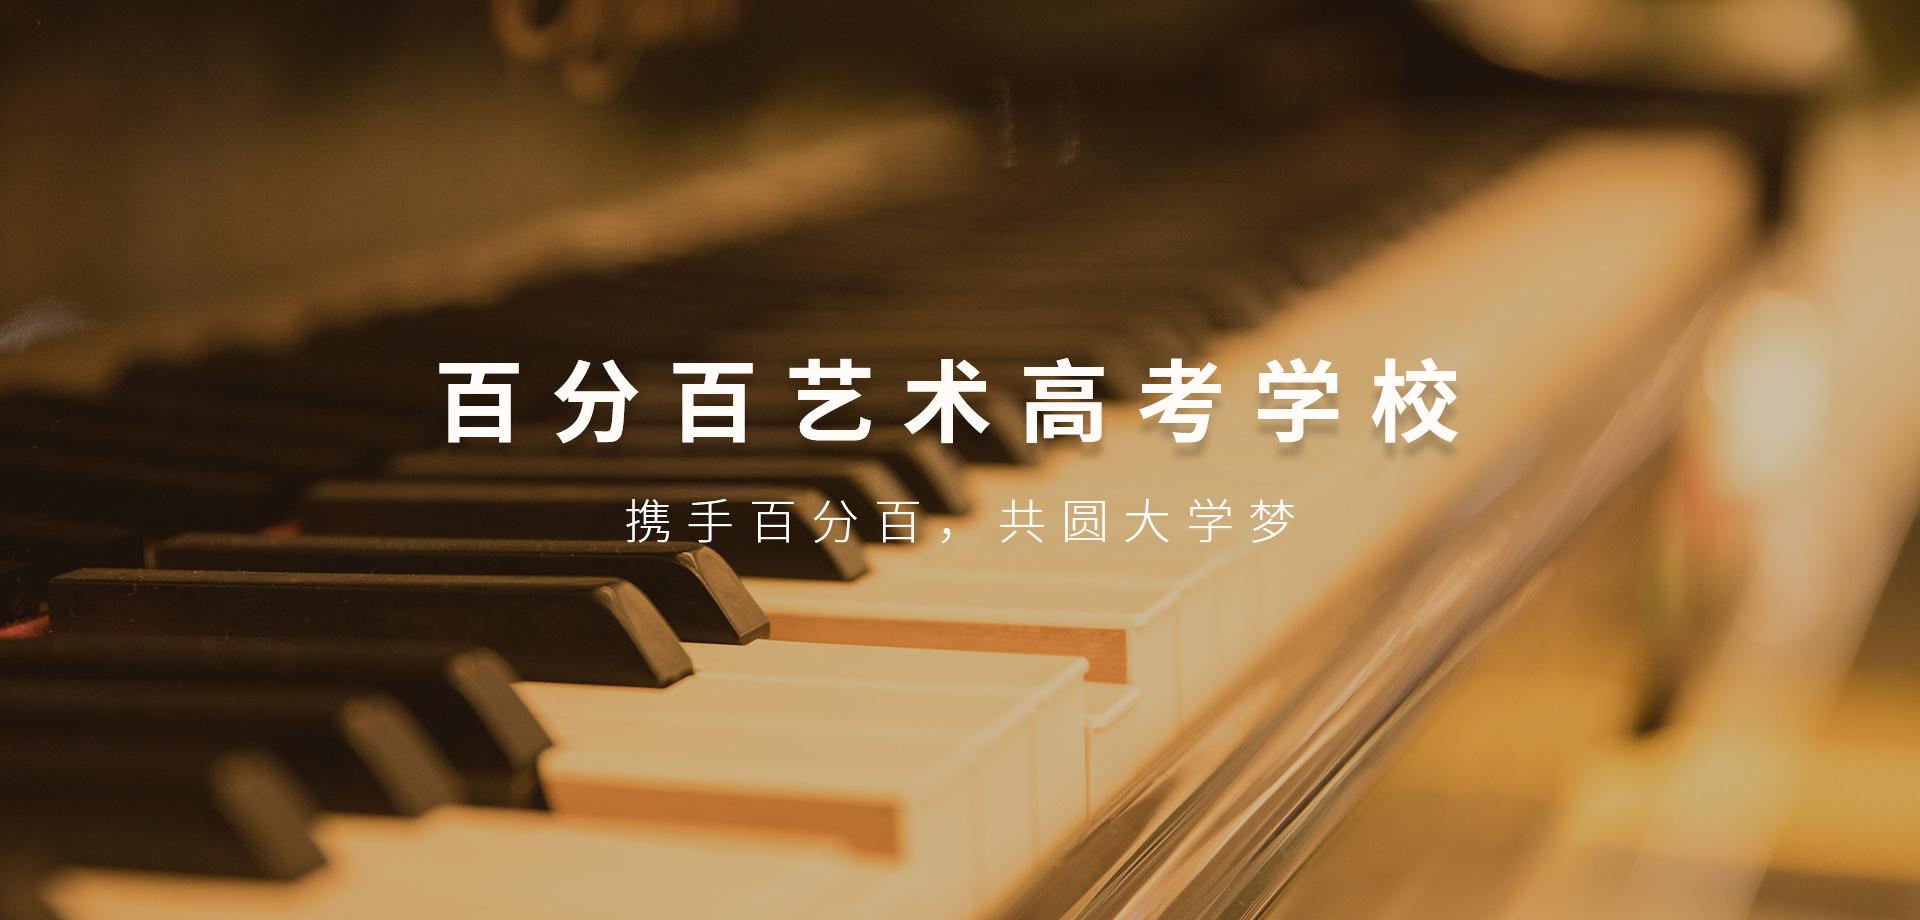 陜西器樂培訓機構